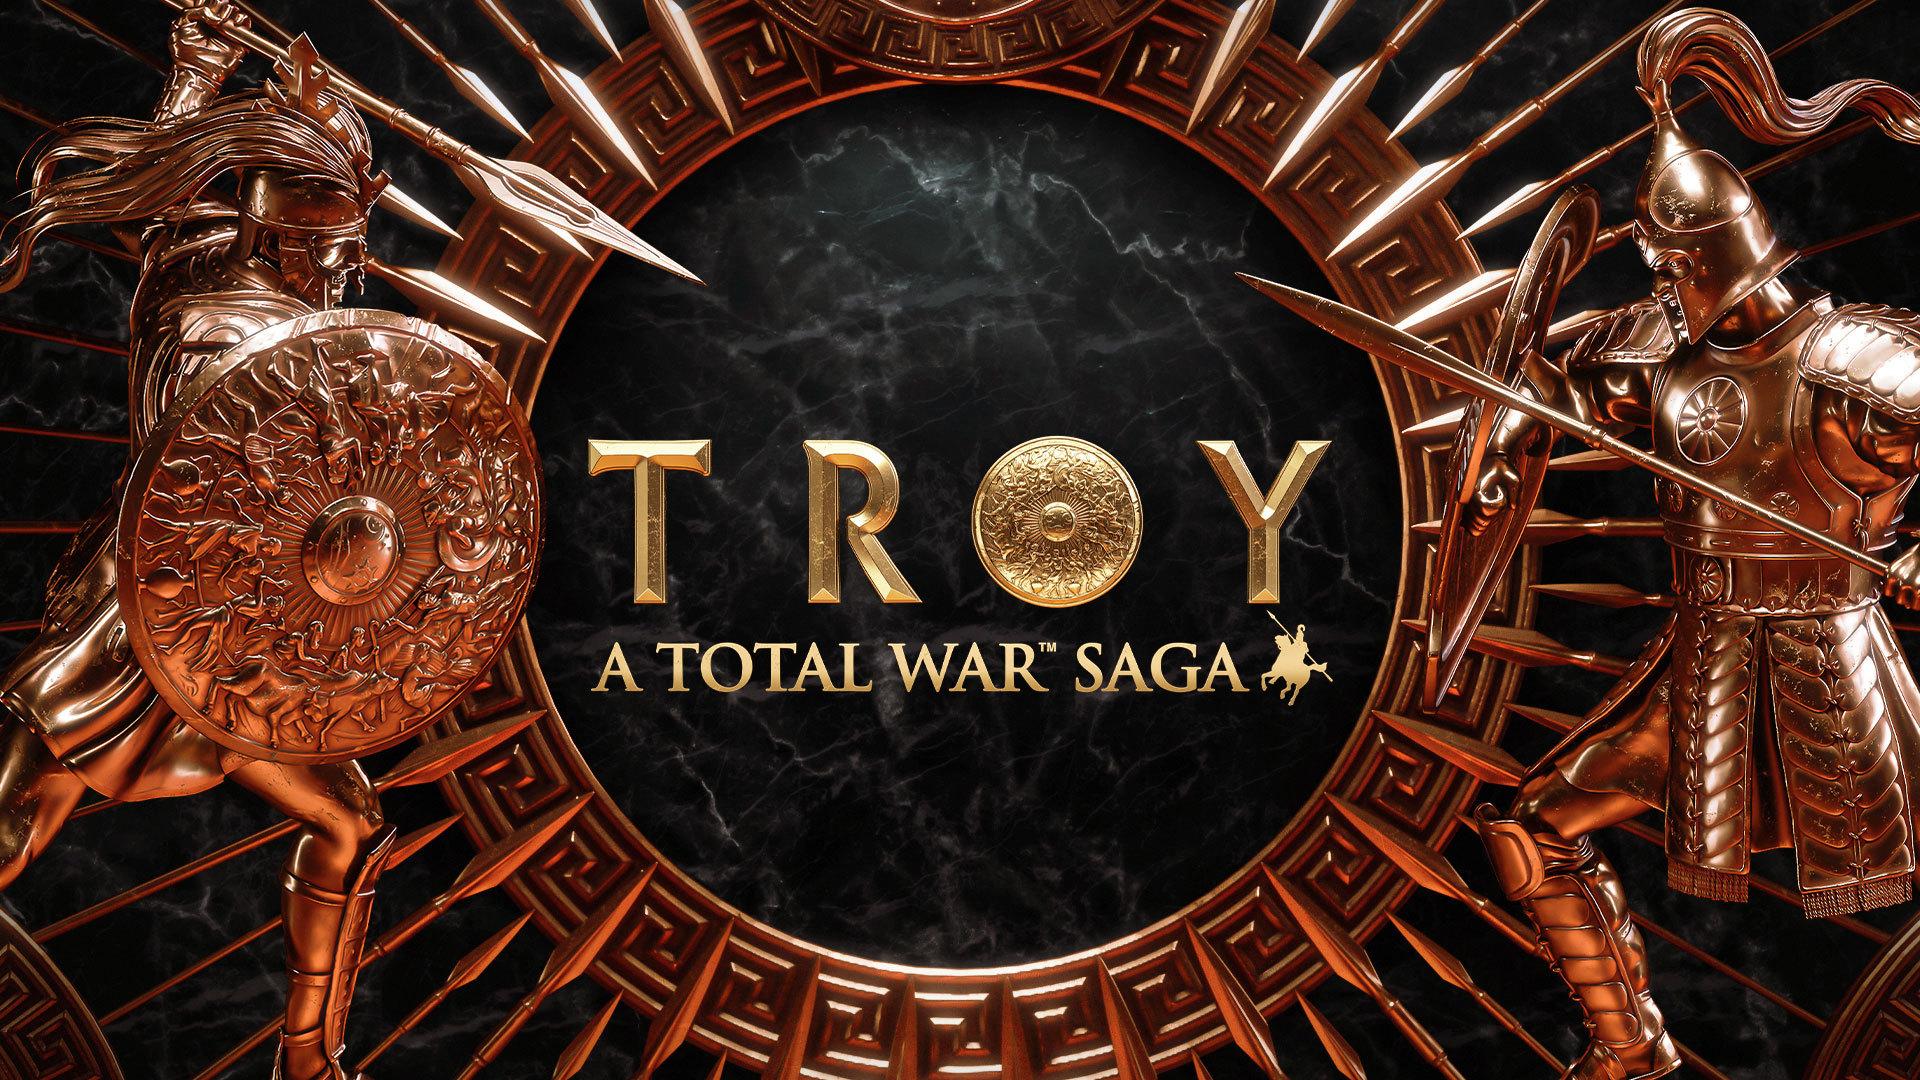 《全面战争传奇 特洛伊》首发限时免费领取活动现已开始